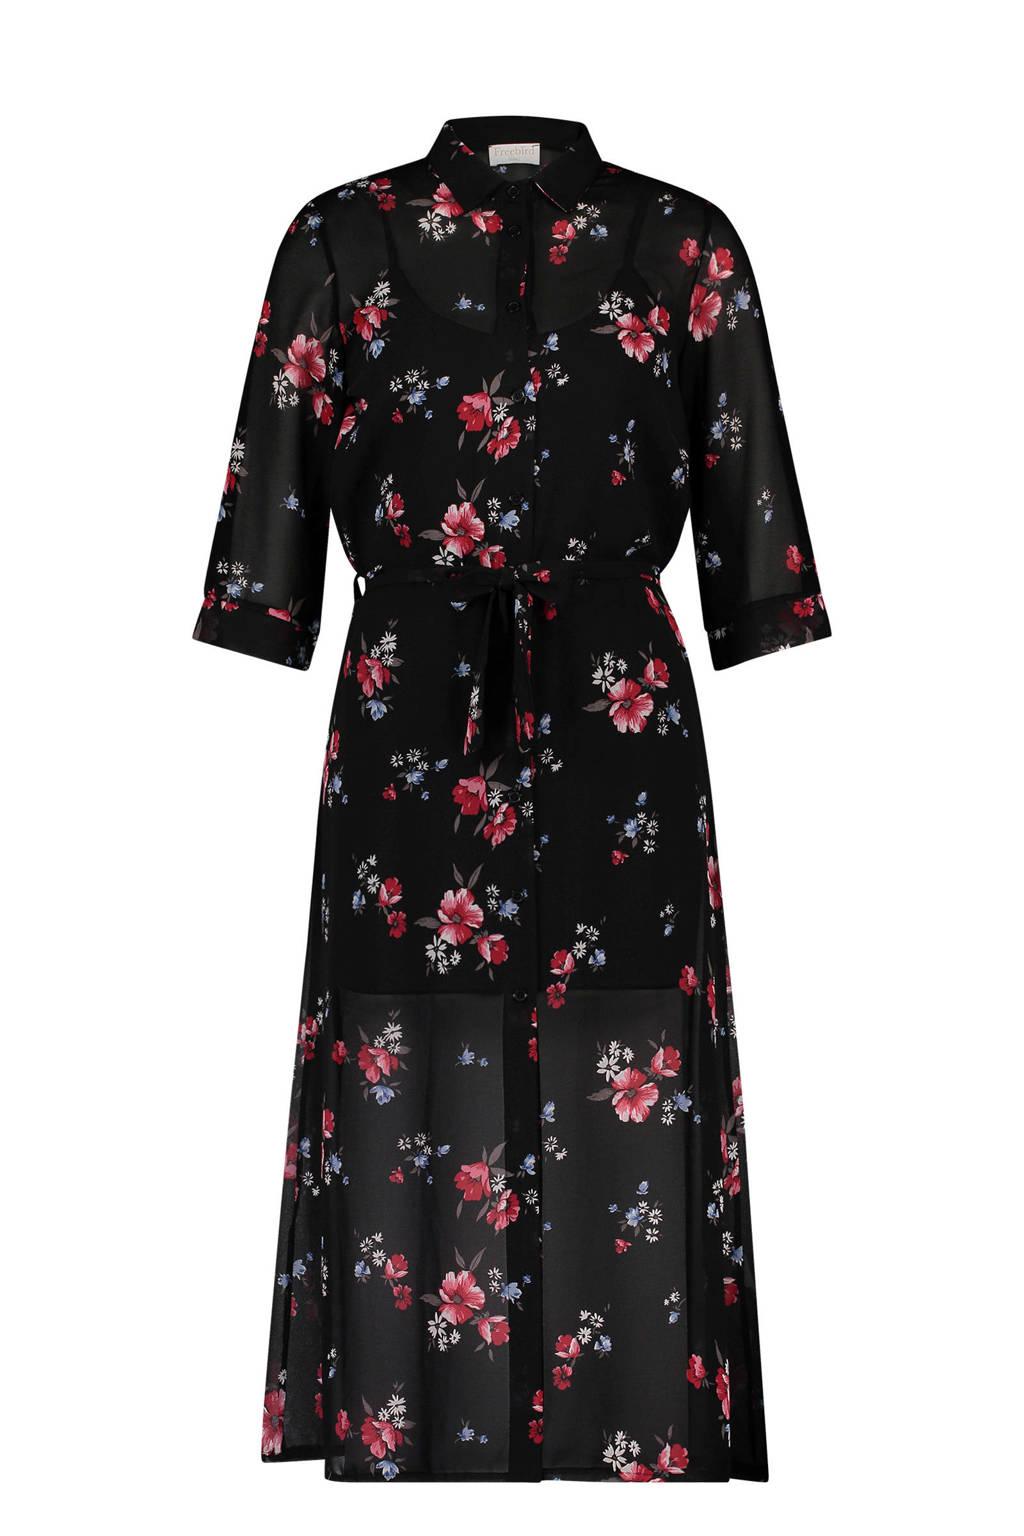 Freebird gebloemde jurk zwart, Zwart